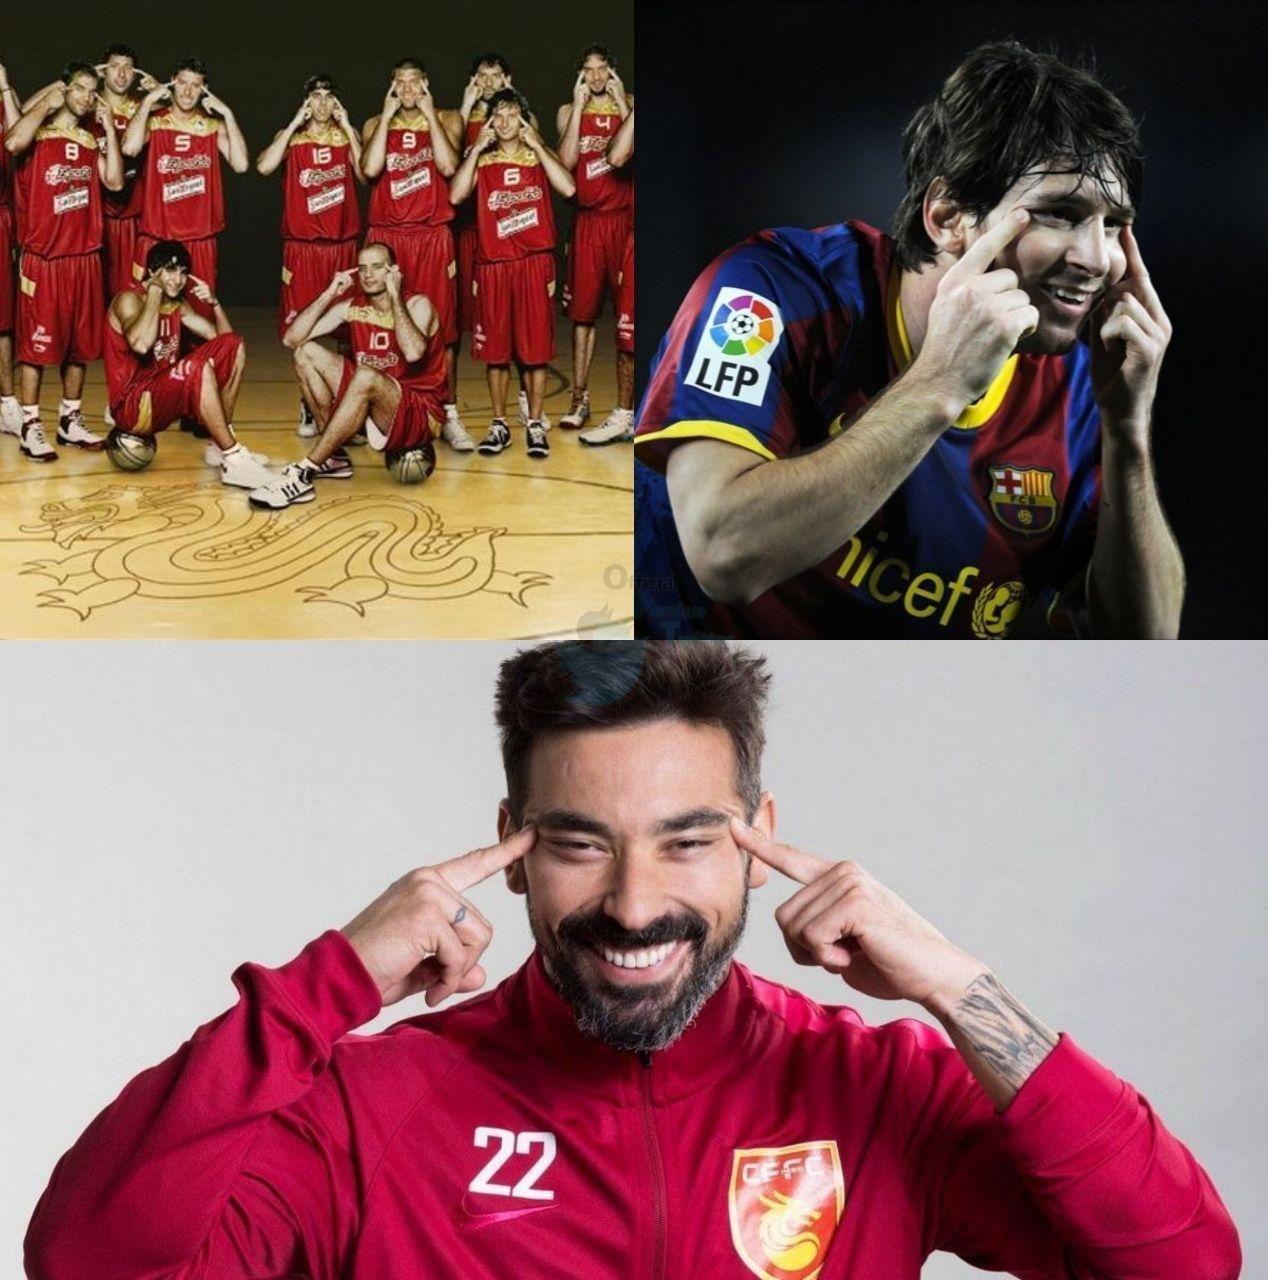 تقلید آل کثیر از مسی و تیم ملی بسکتبال اسپانیا!